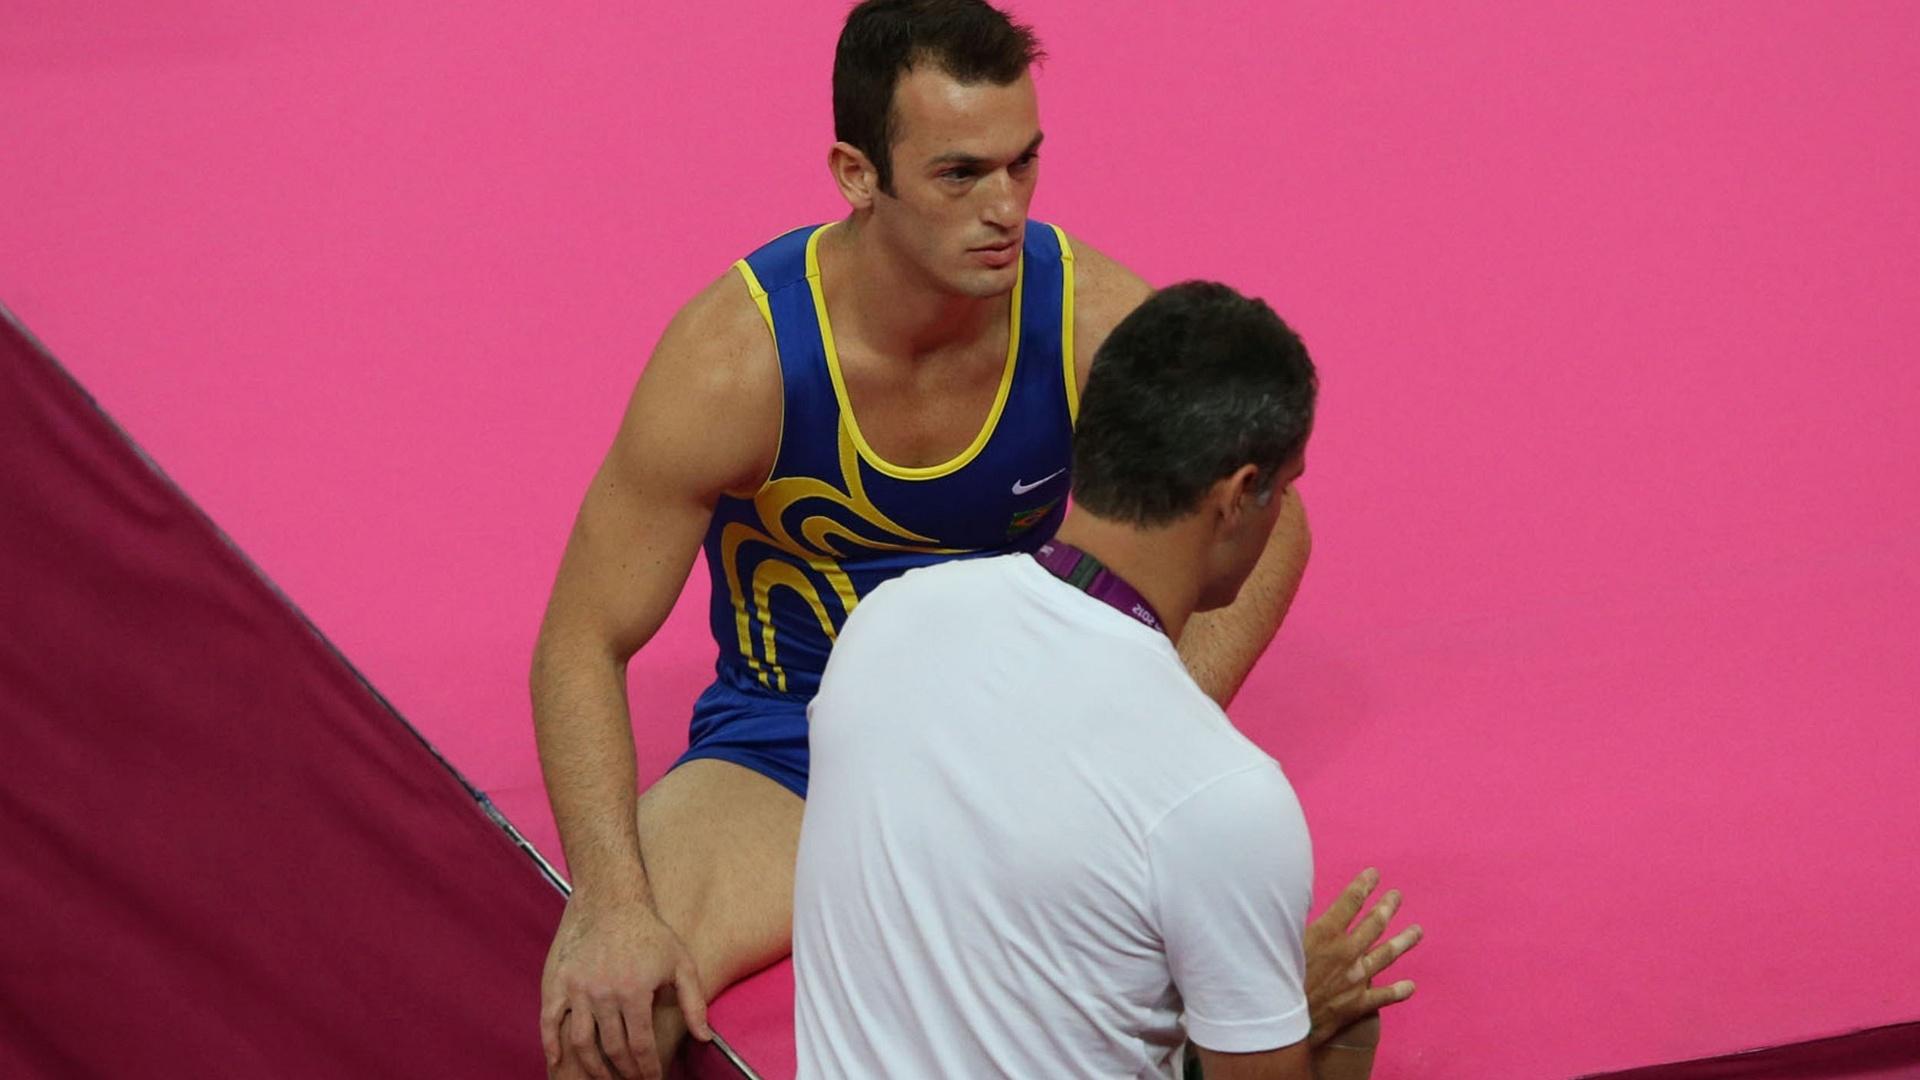 Diego Hypolito e o técnico Renato Araújo durante treino de pódio, em que ginasta reclamou de dores